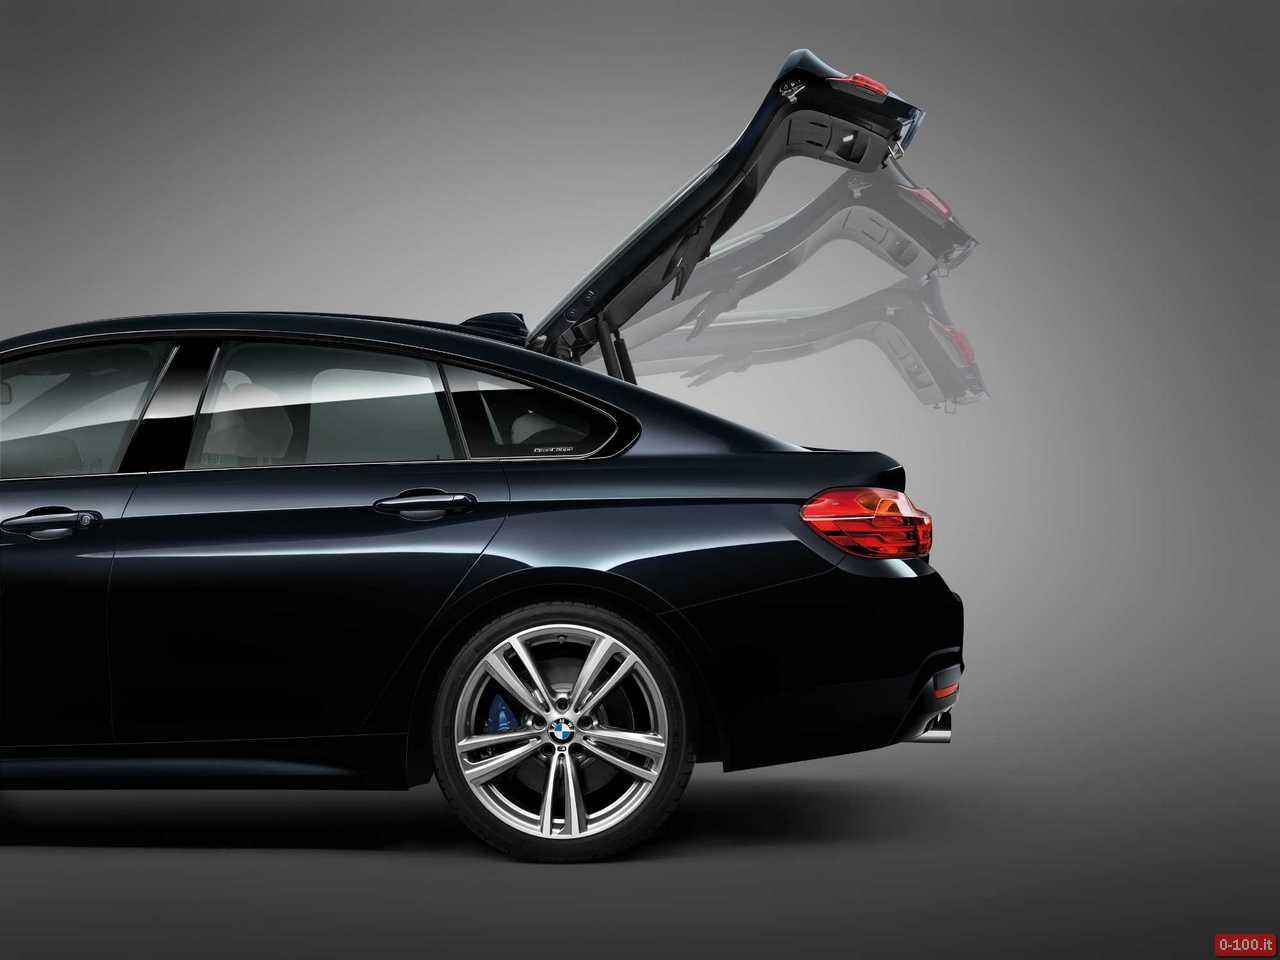 bmw-serie-4-gran-coupe-prezzo-price-ginevra-geneve-2014-0-100_99